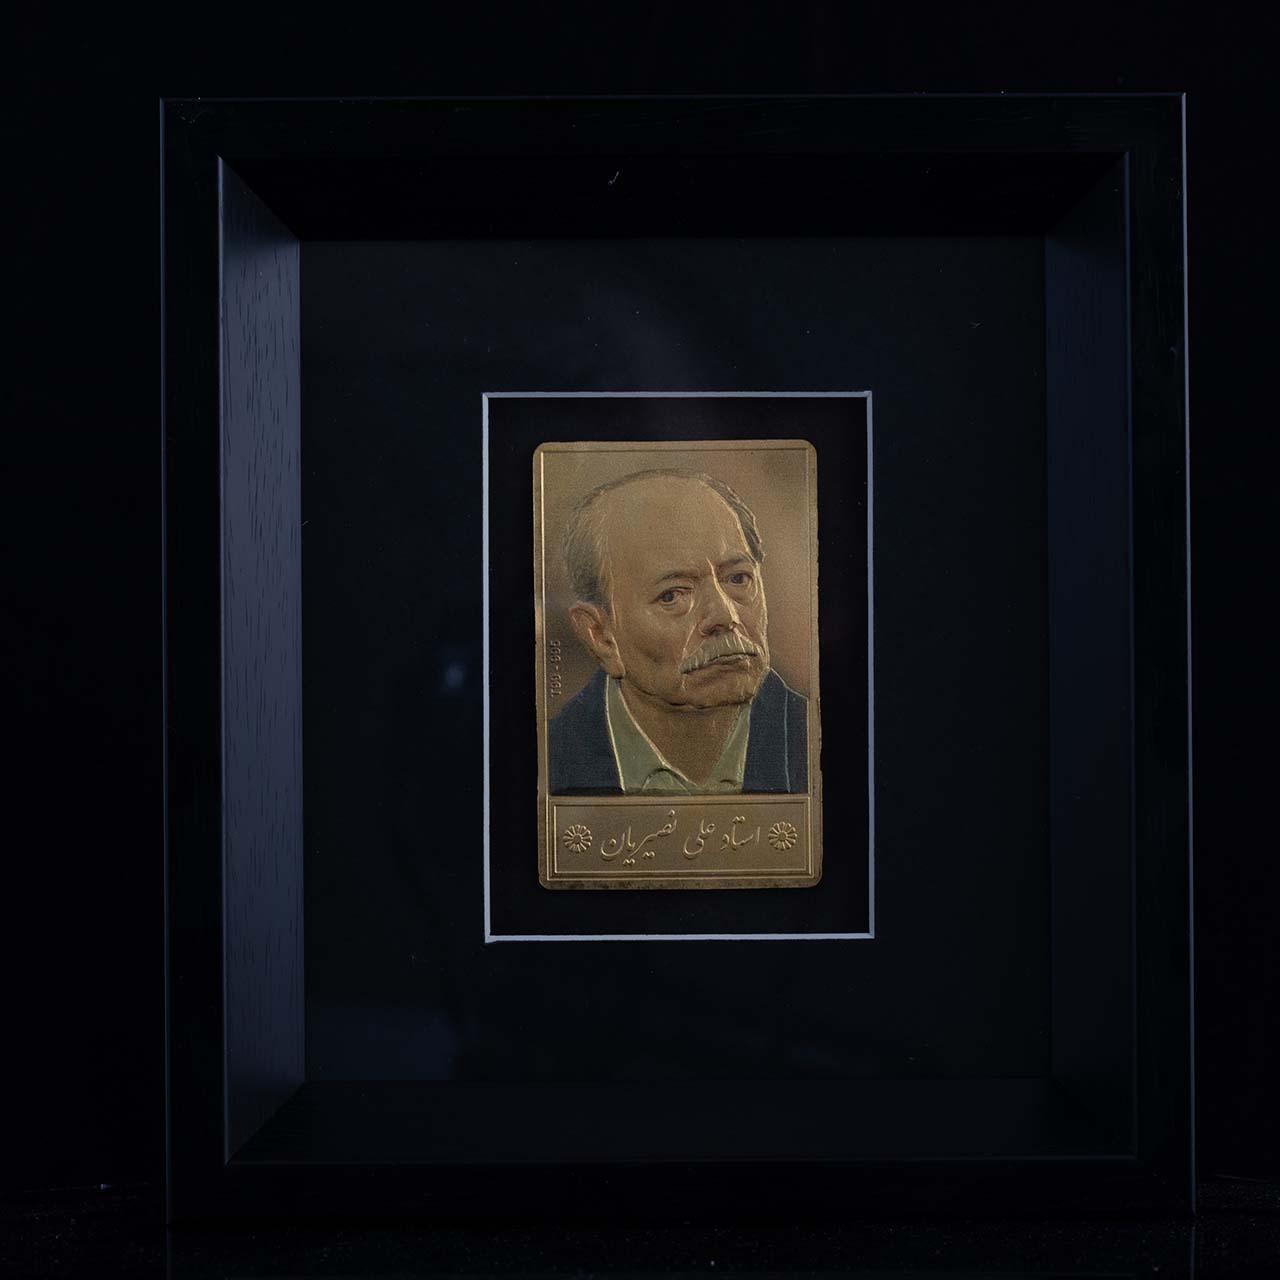 تابلو یادبود علی نصیریان